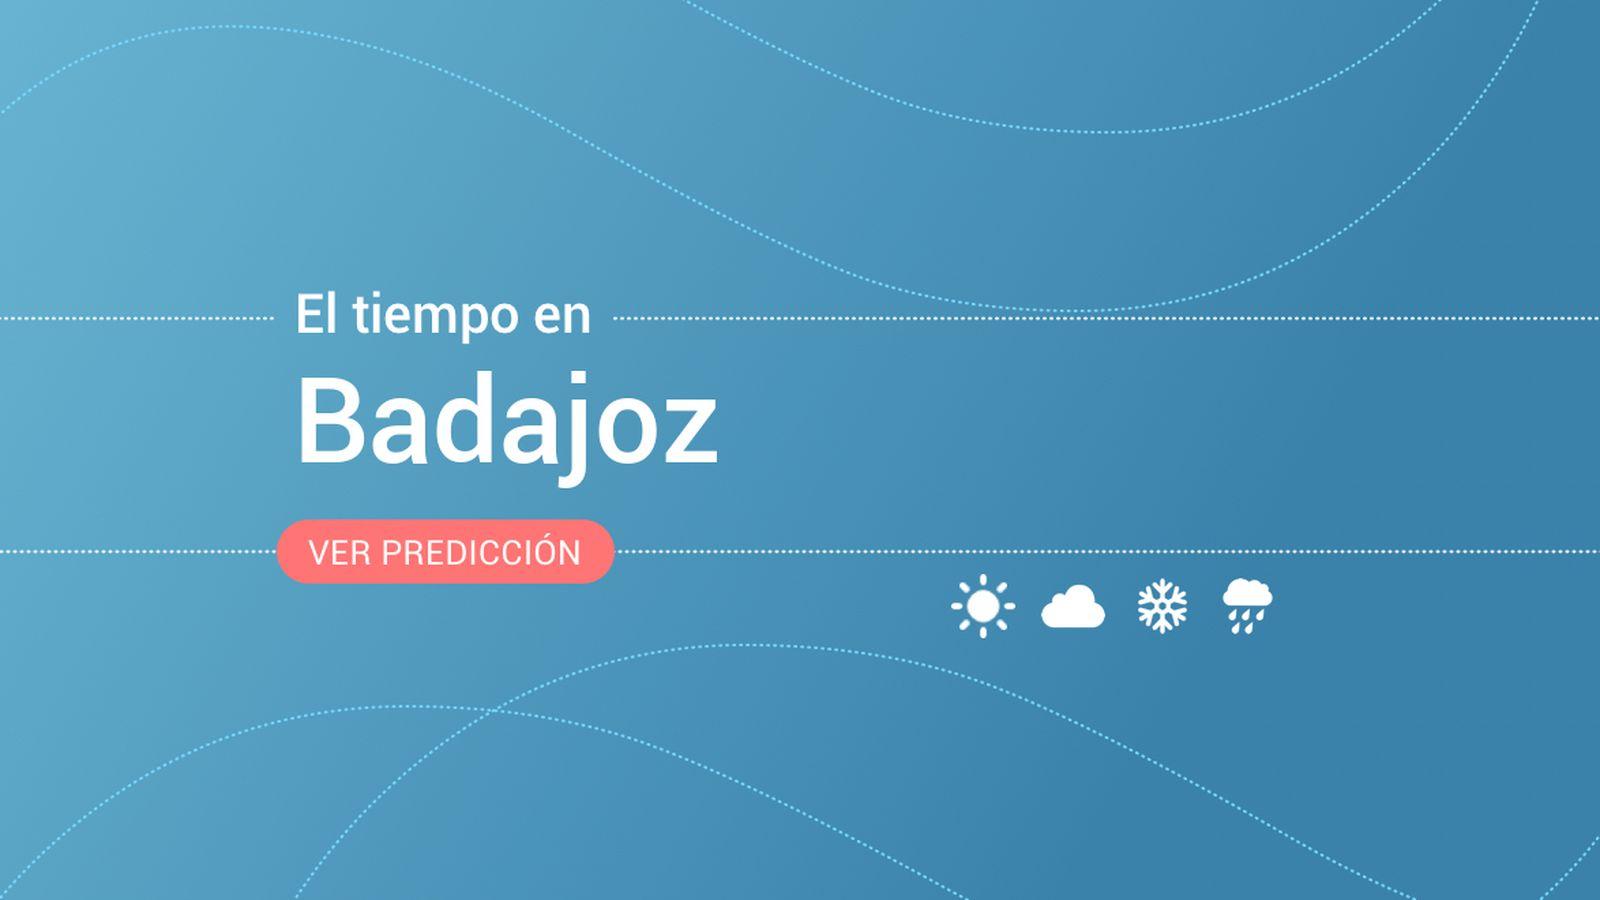 Foto: El tiempo en Badajoz. (EC)